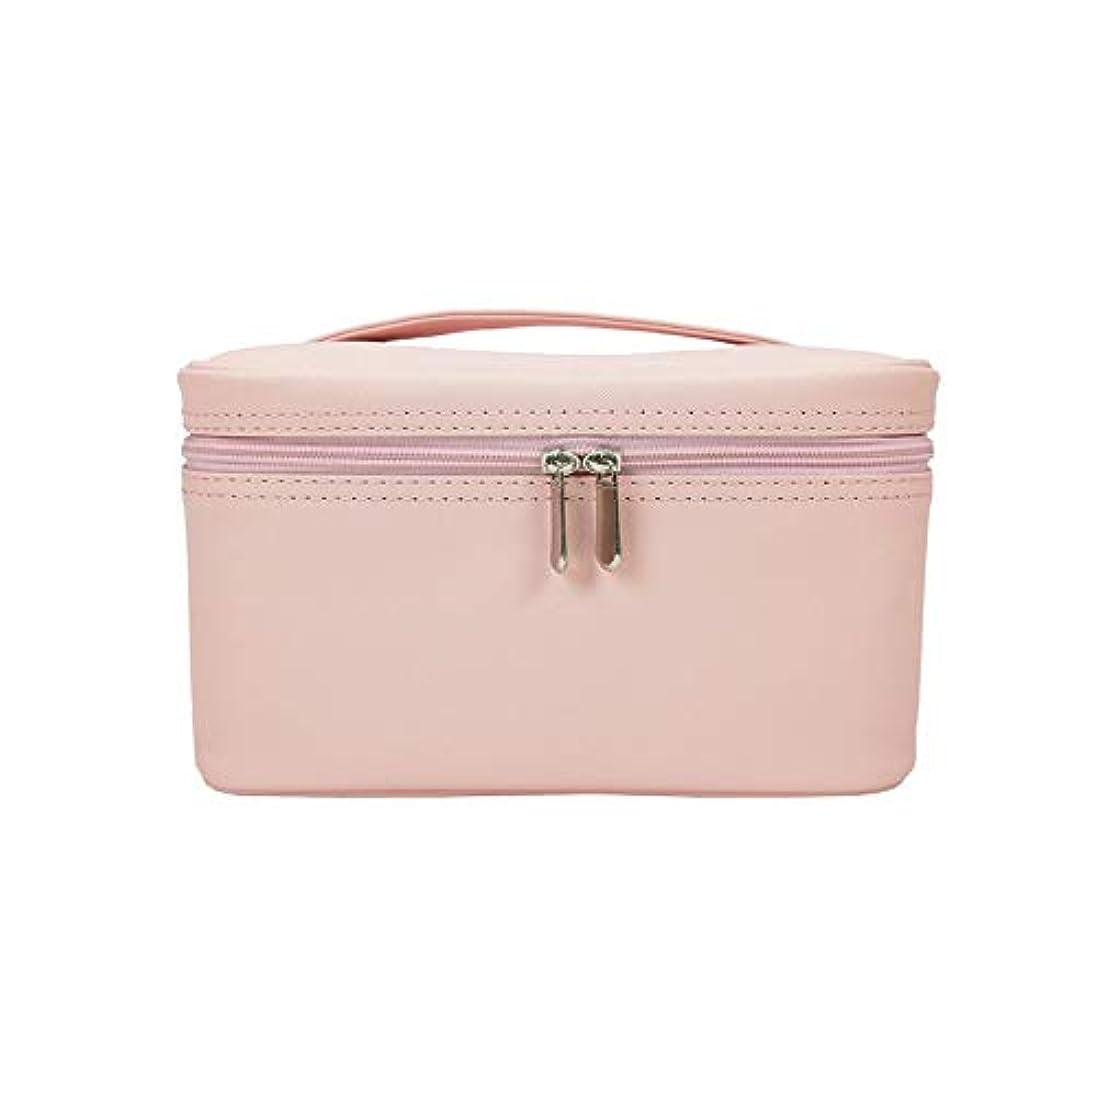 見かけ上こっそり逆化粧オーガナイザーバッグ メイクアップトラベルバッグPUレター防水化粧ケースのティーン女の子の女性のアーティスト 化粧品ケース (色 : ピンク)